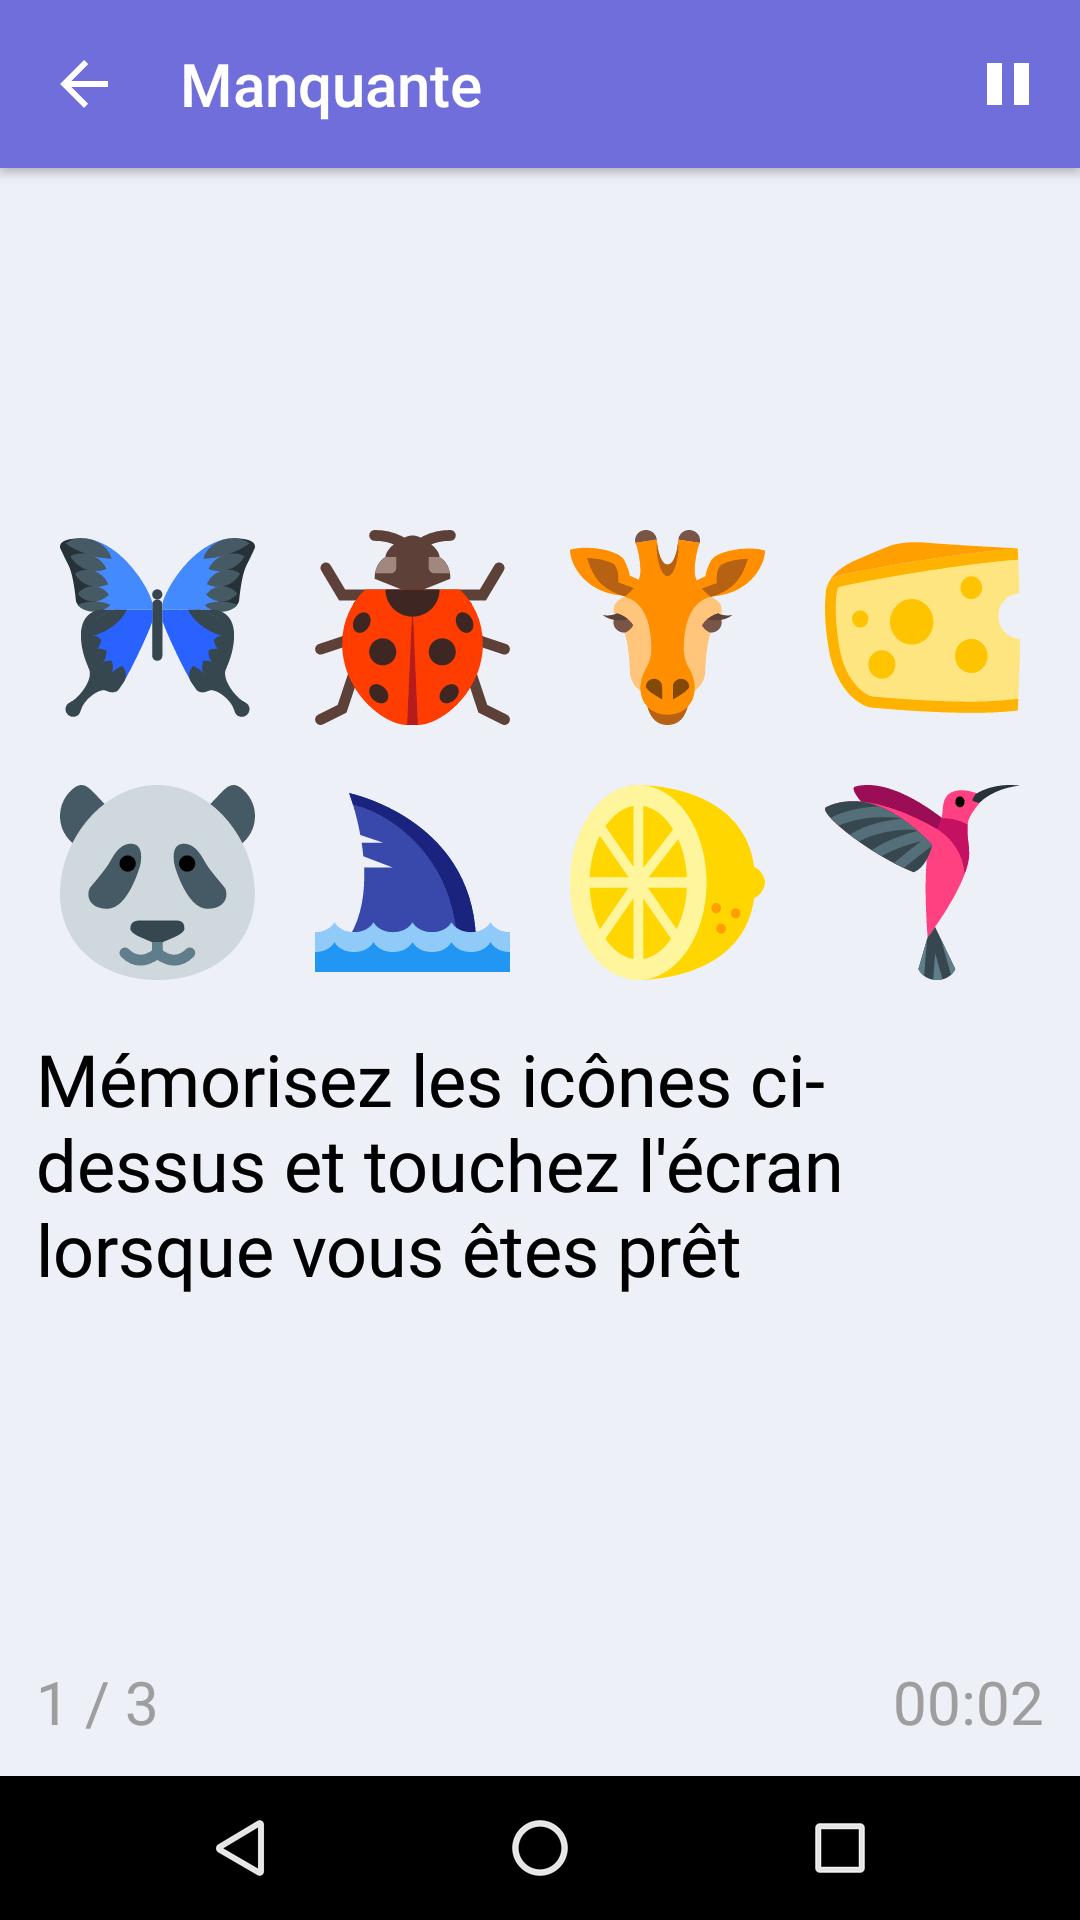 Manquante : Jeu De Mémoire Gratuit Pour Iphone & Android dedans Jeu De Memoire Gratuit